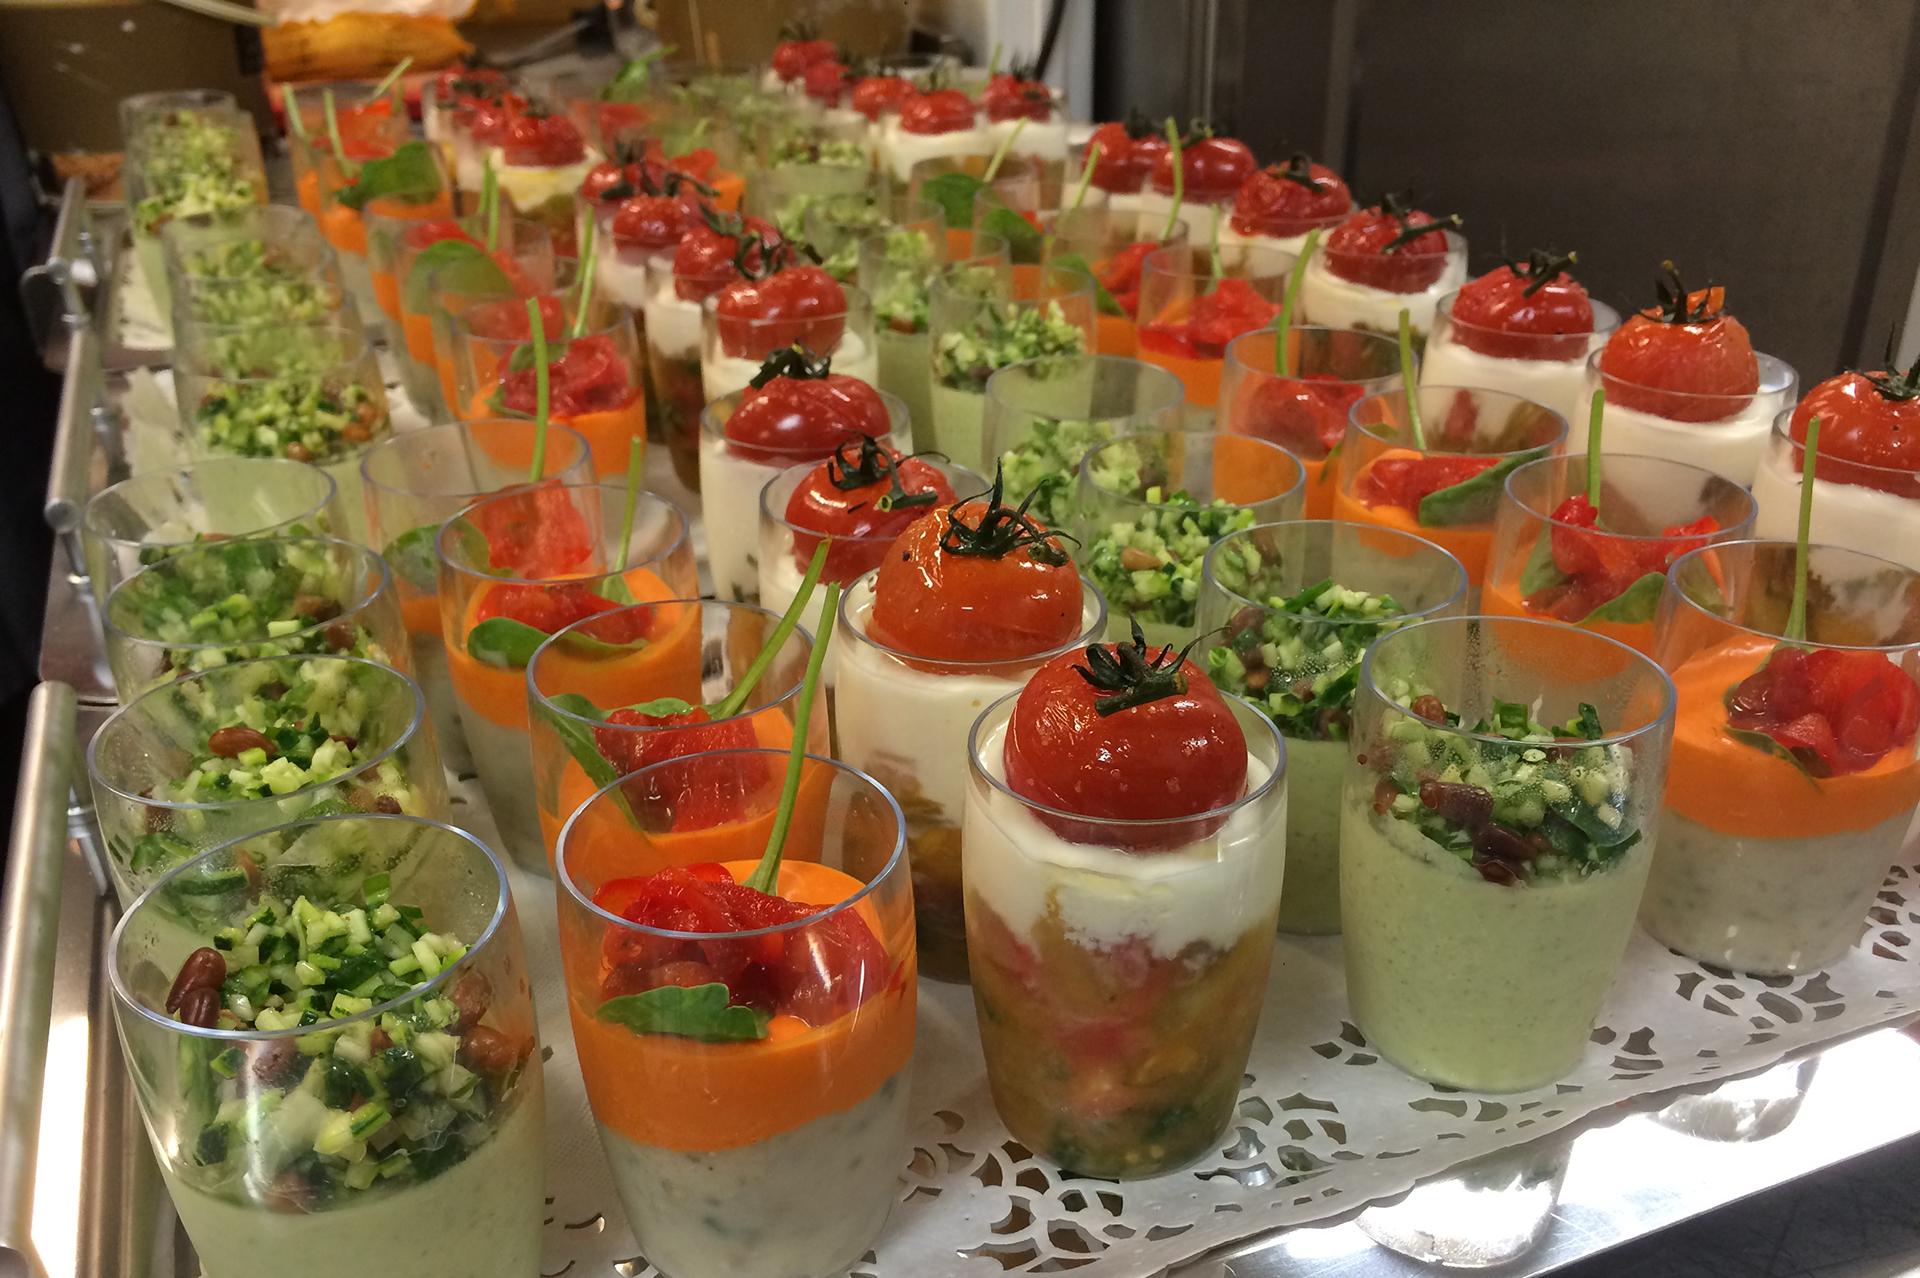 Entrées Repas livré chez client août 2015 Restaurant Le Chalet Ax les Thermes Ariege.JPG